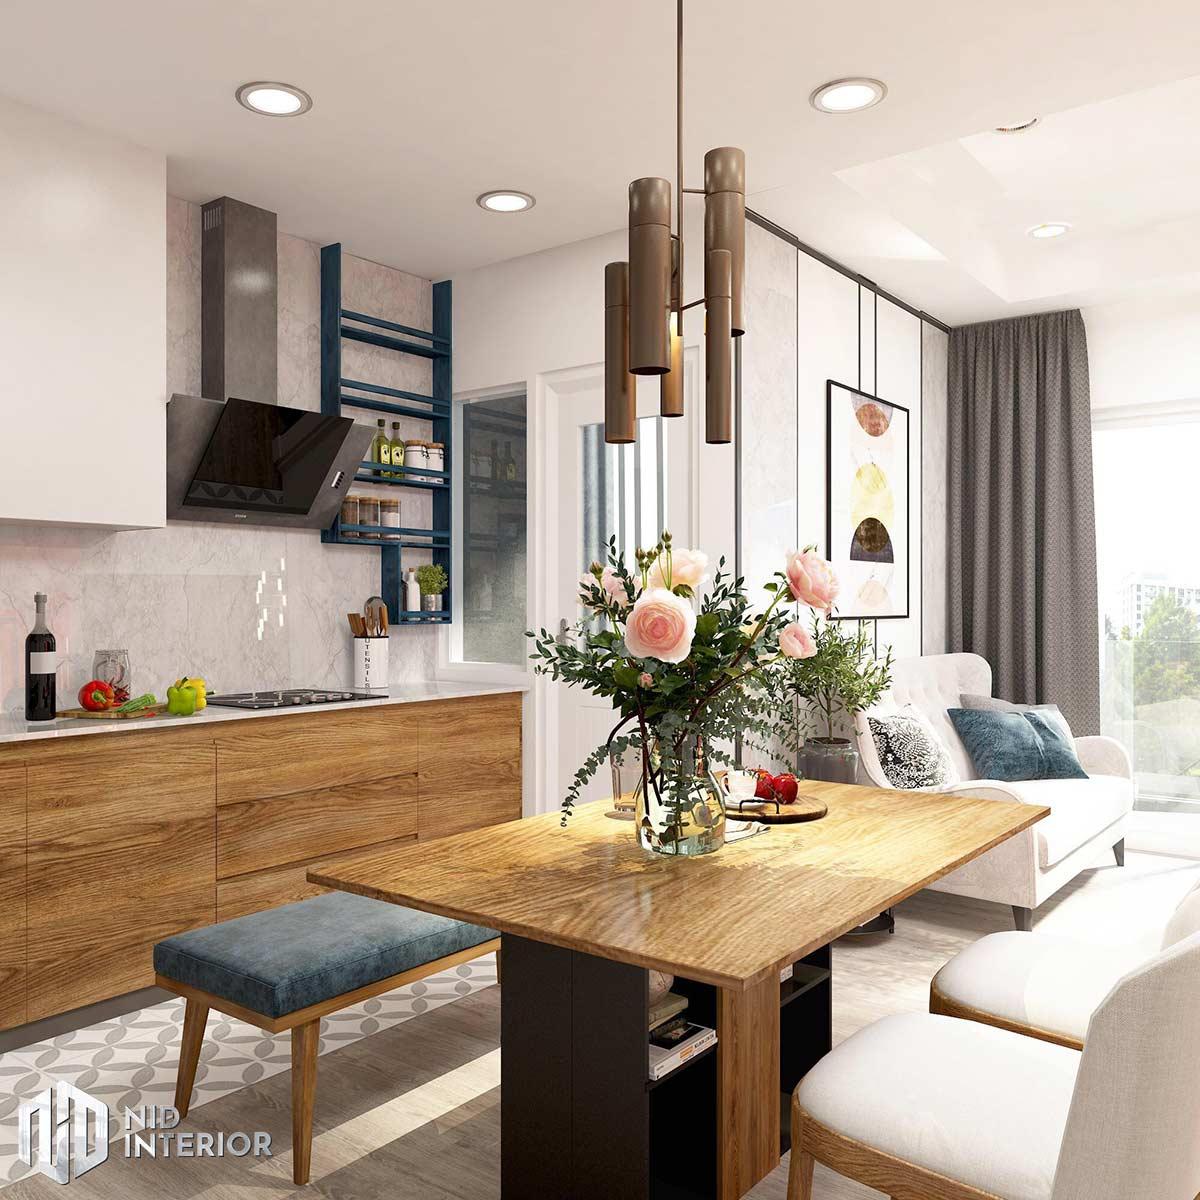 Thiết kế nội thất căn hộ Palm Heights - Khu bếp và phòng khách